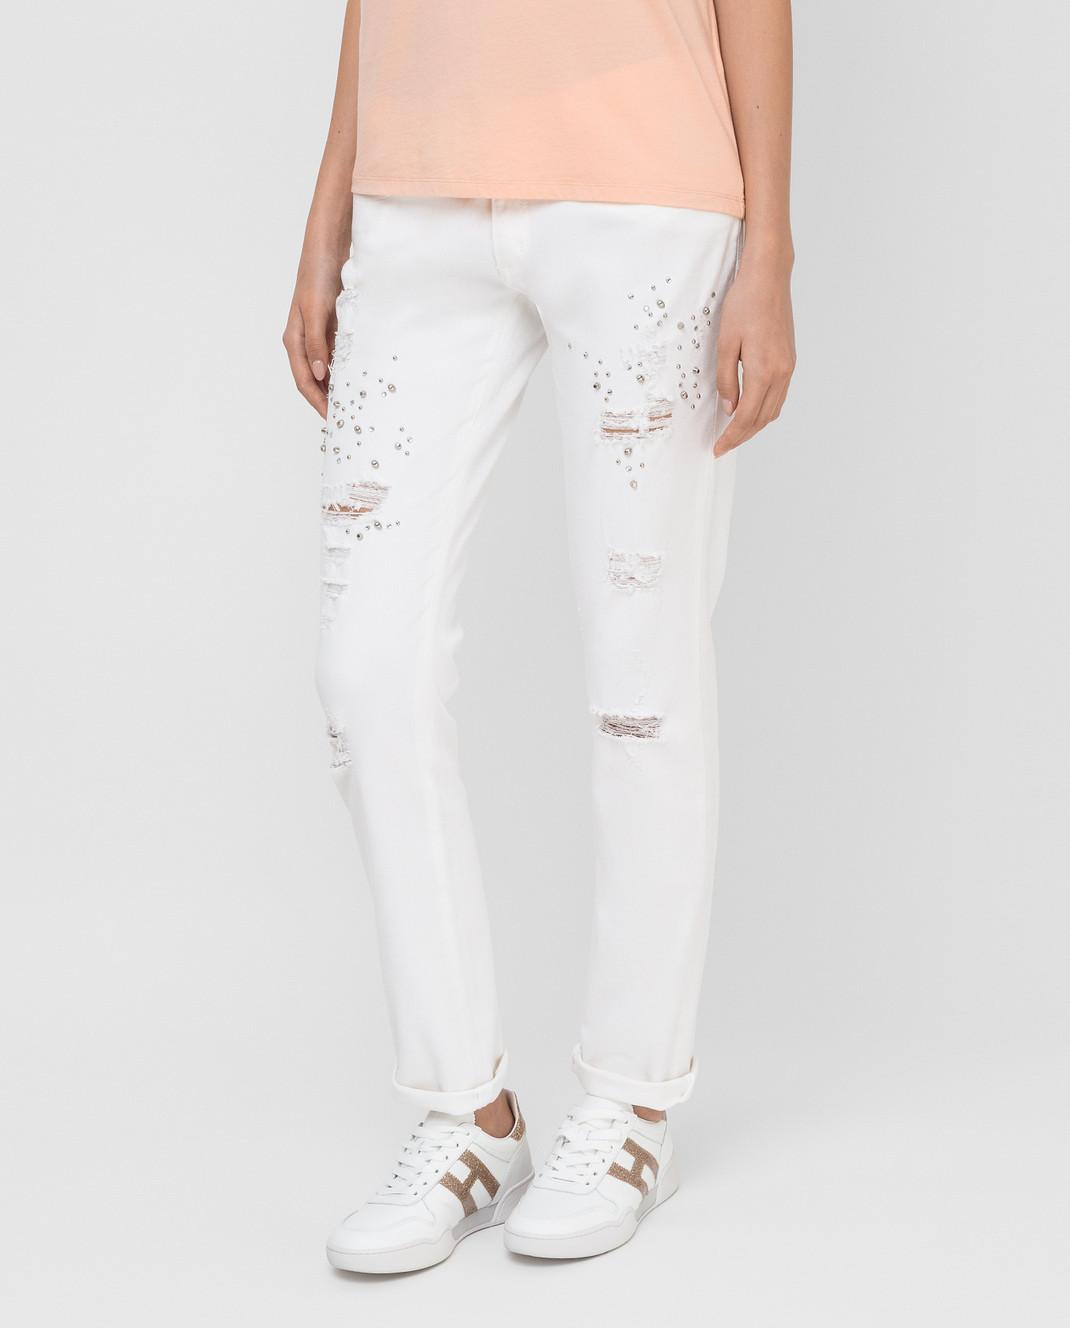 Blugirl Белые джинсы 1502 изображение 3